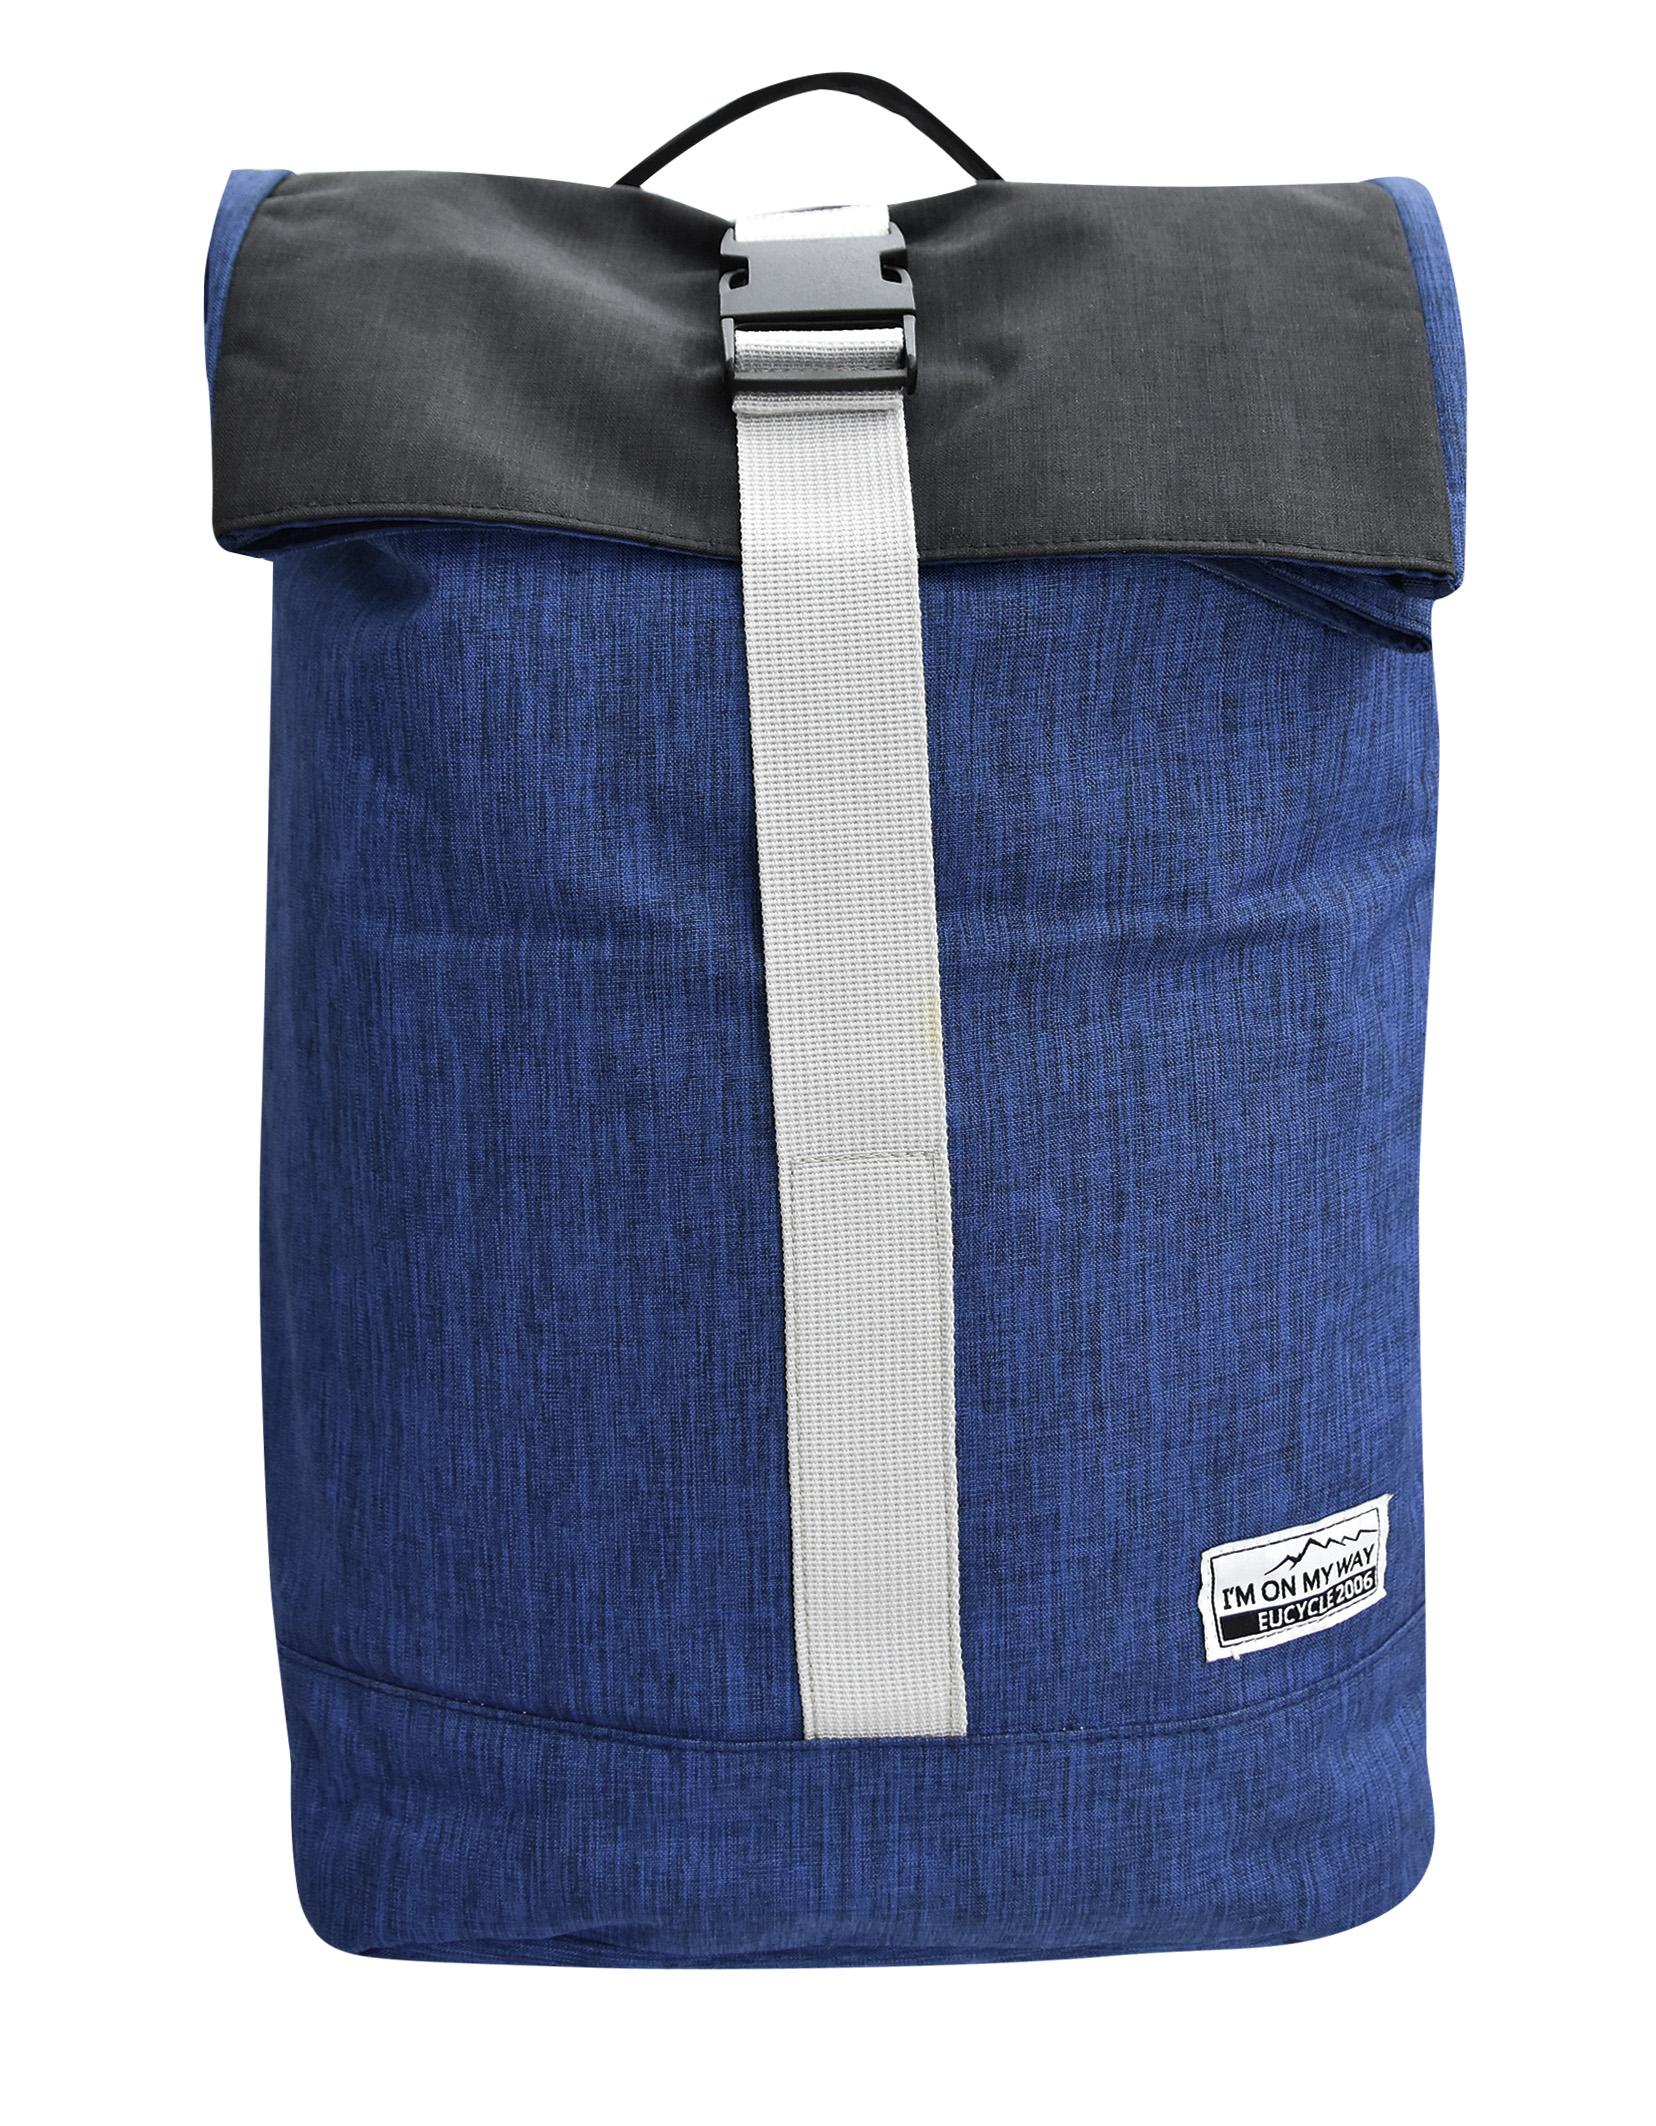 Επεκτεινόμενο Σακίδιο Πλάτης για Laptop 15.6 Ιντσών IM ON MY WAY BG049 Μπλε